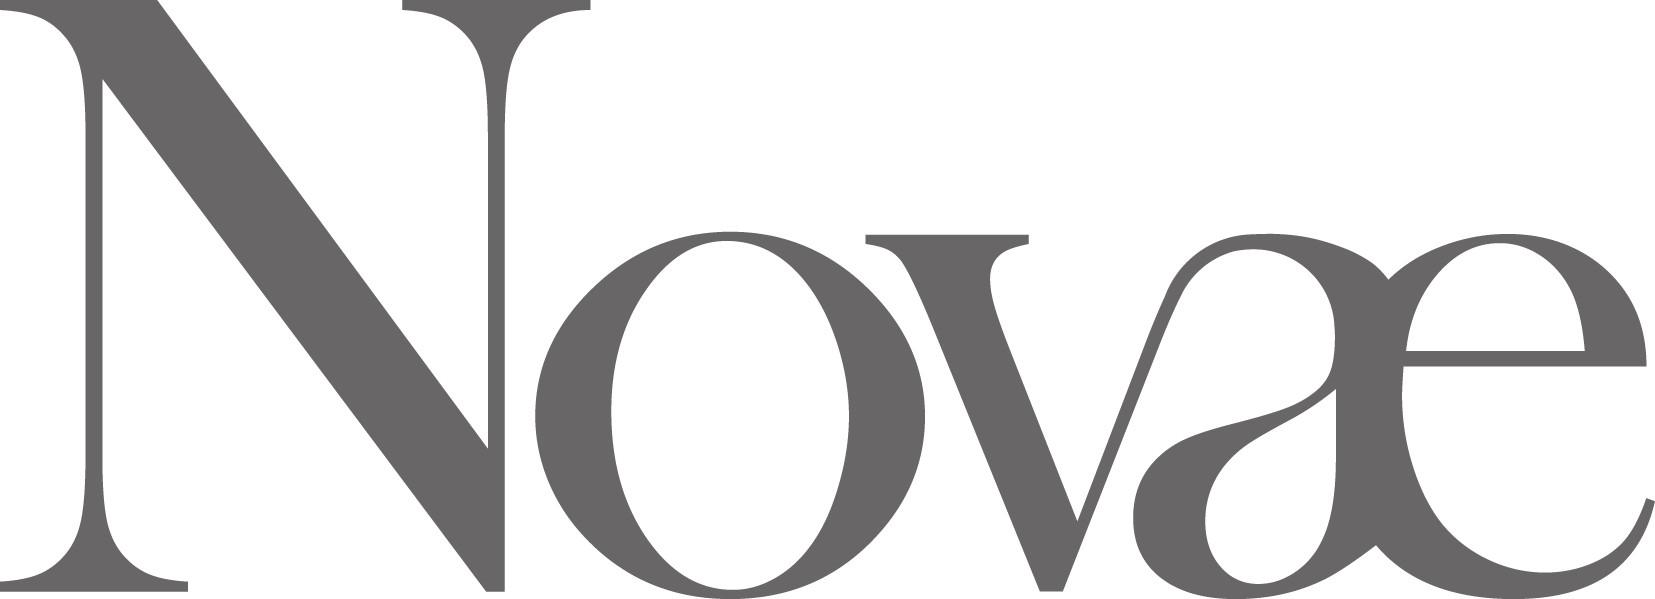 Novae Group Plc logo